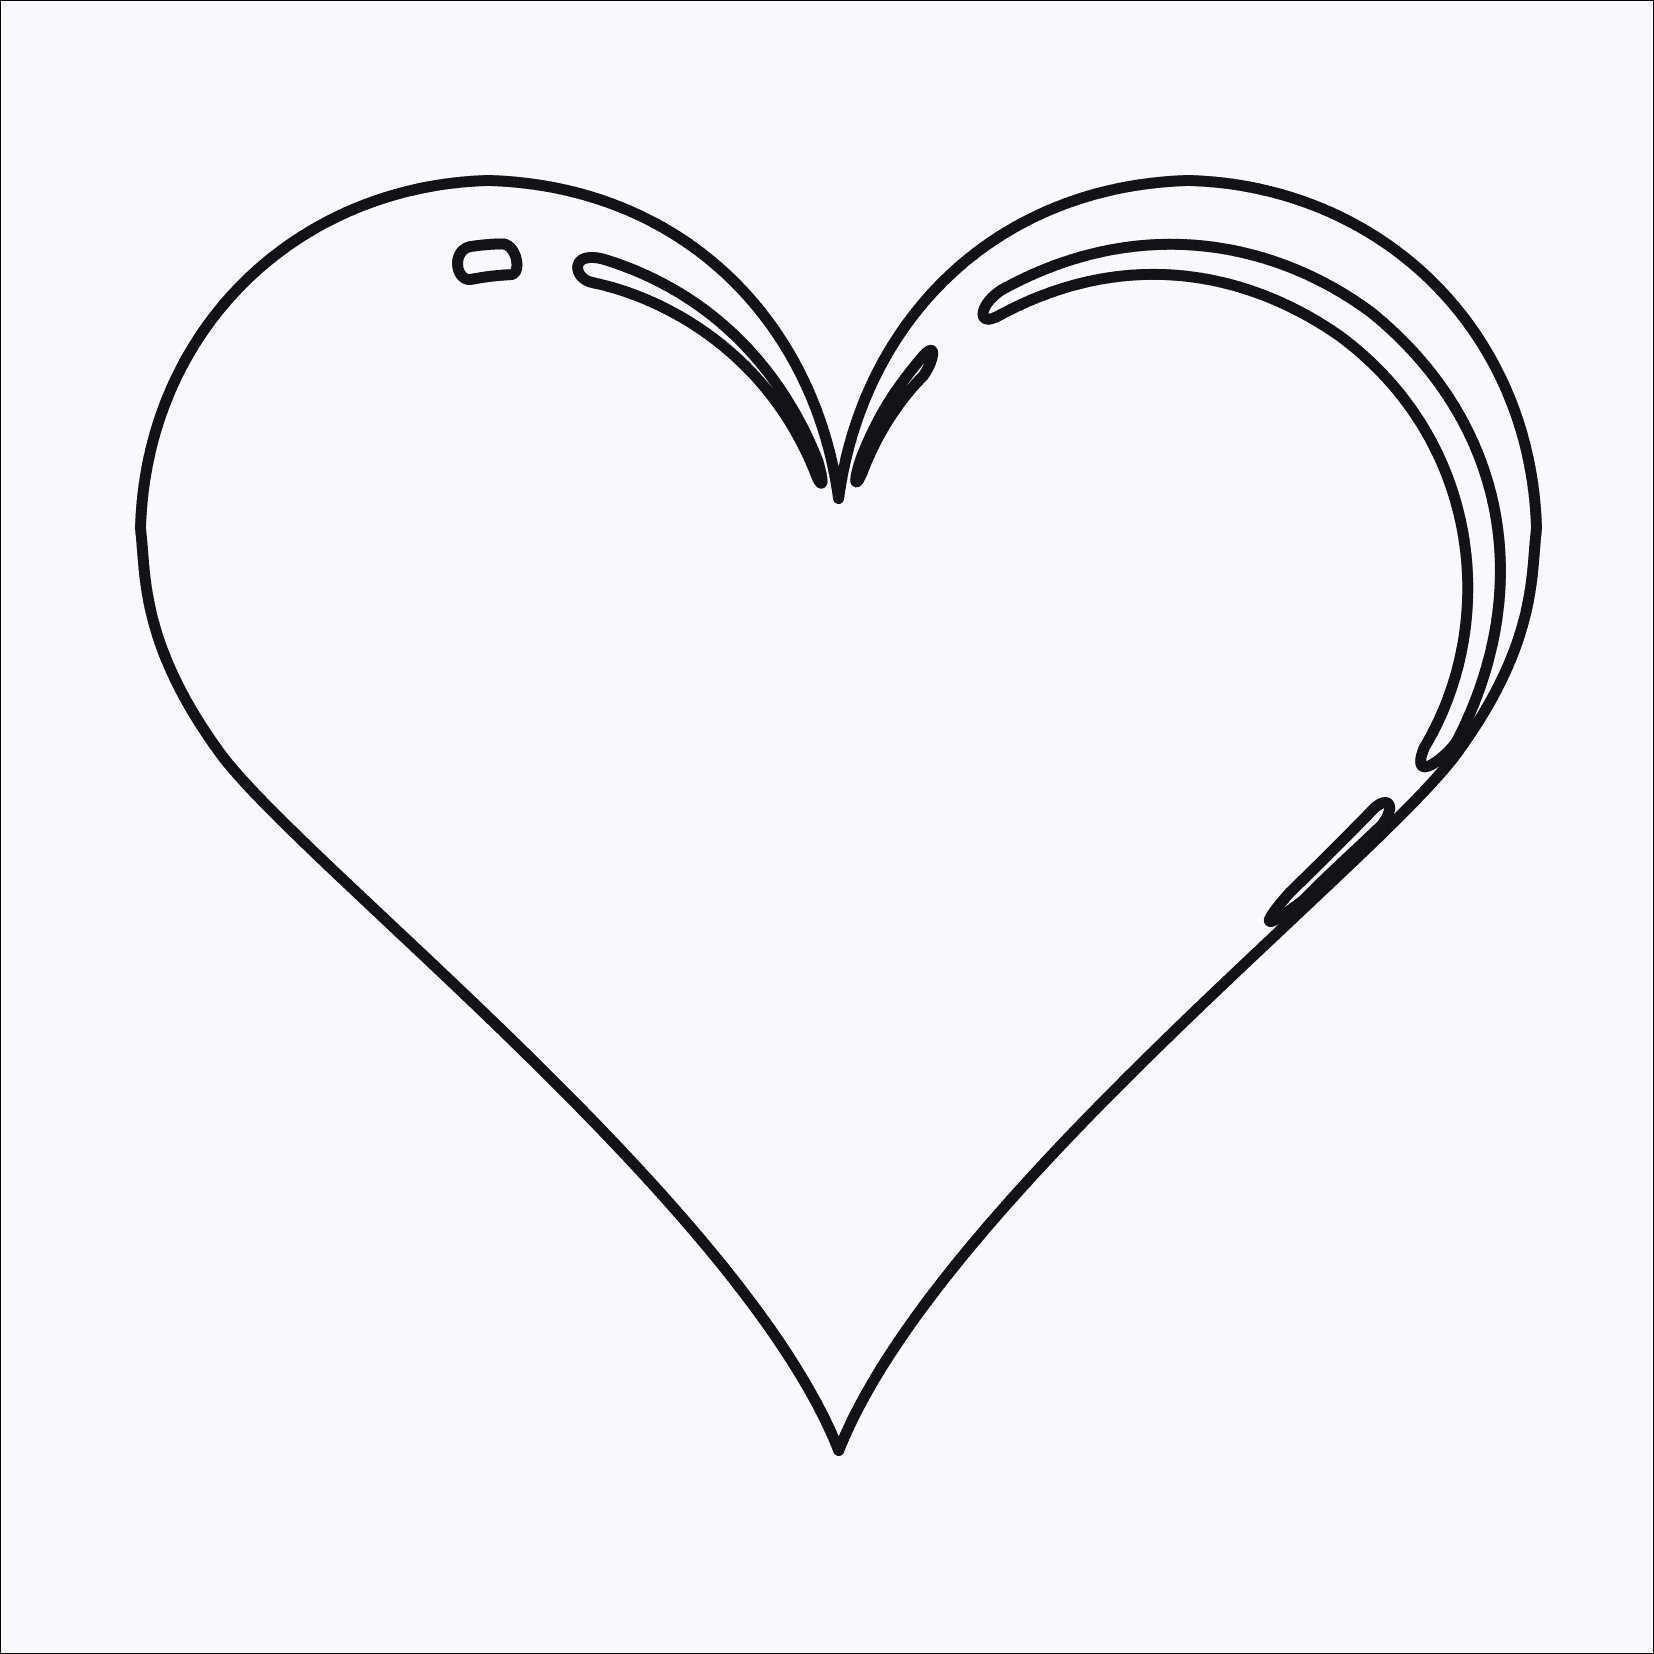 Unique Herz Vorlage Zum Ausdrucken Farbung Malvorlagen Malvorlagenfurkinder Herz Vorlage Kalender Zum Ausdrucken Vorlagen